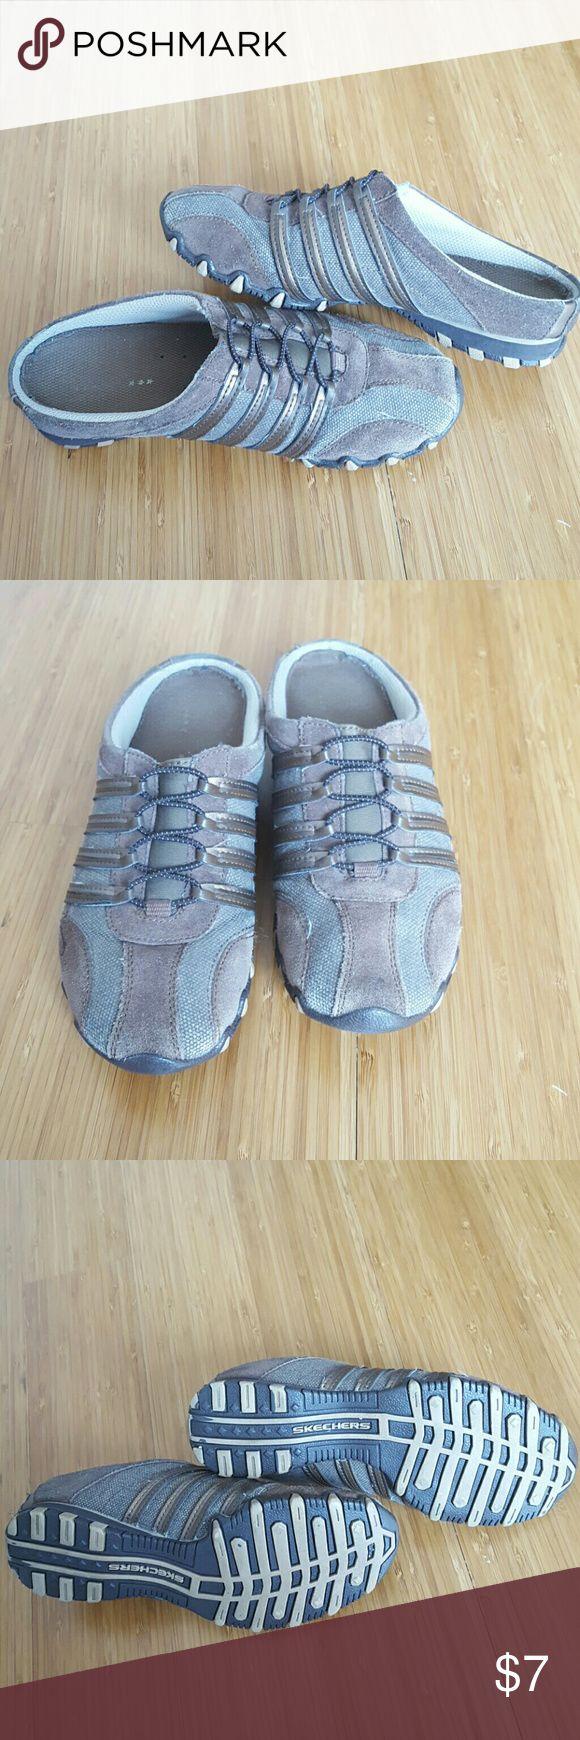 Skechers slip on shoes Slim profile mules sneakers in brown. Skechers Shoes